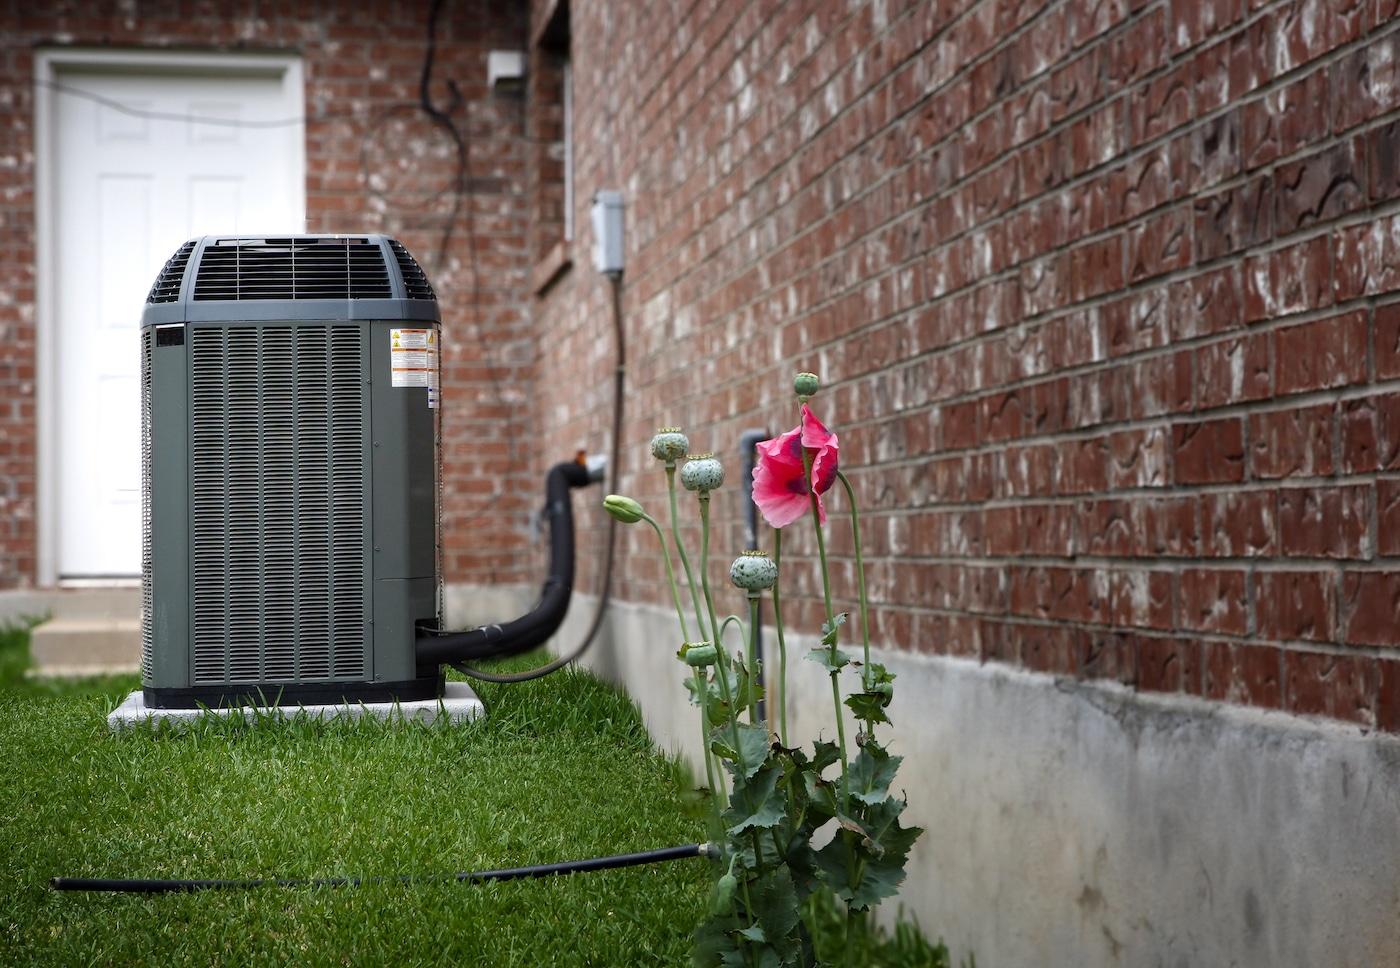 Unité extérieure d'une pompe à chaleur installée dans un jardin